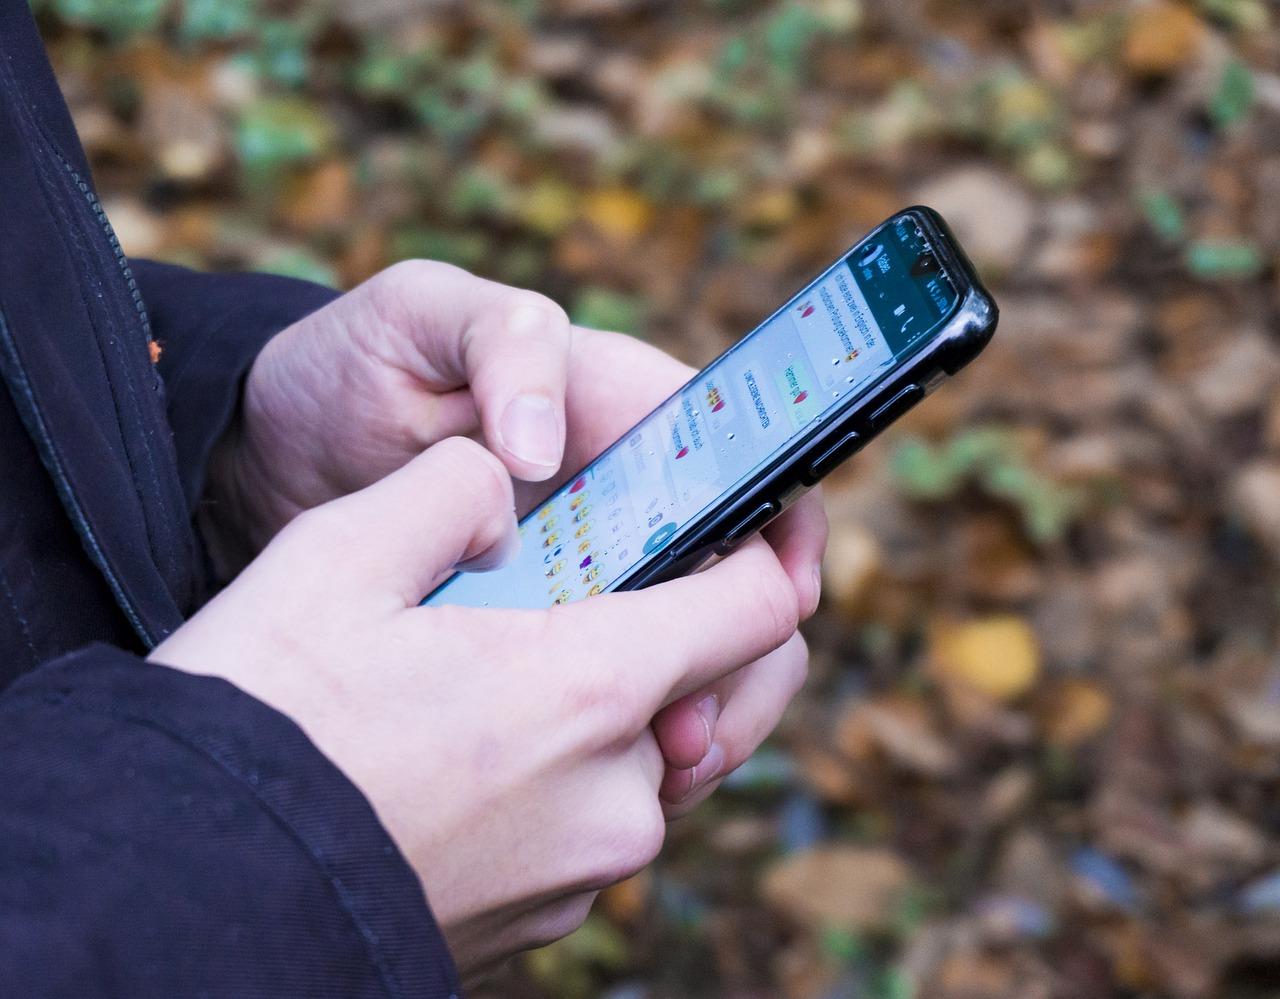 cara mengetahui pesan wa yang dihapus tanpa aplikasi